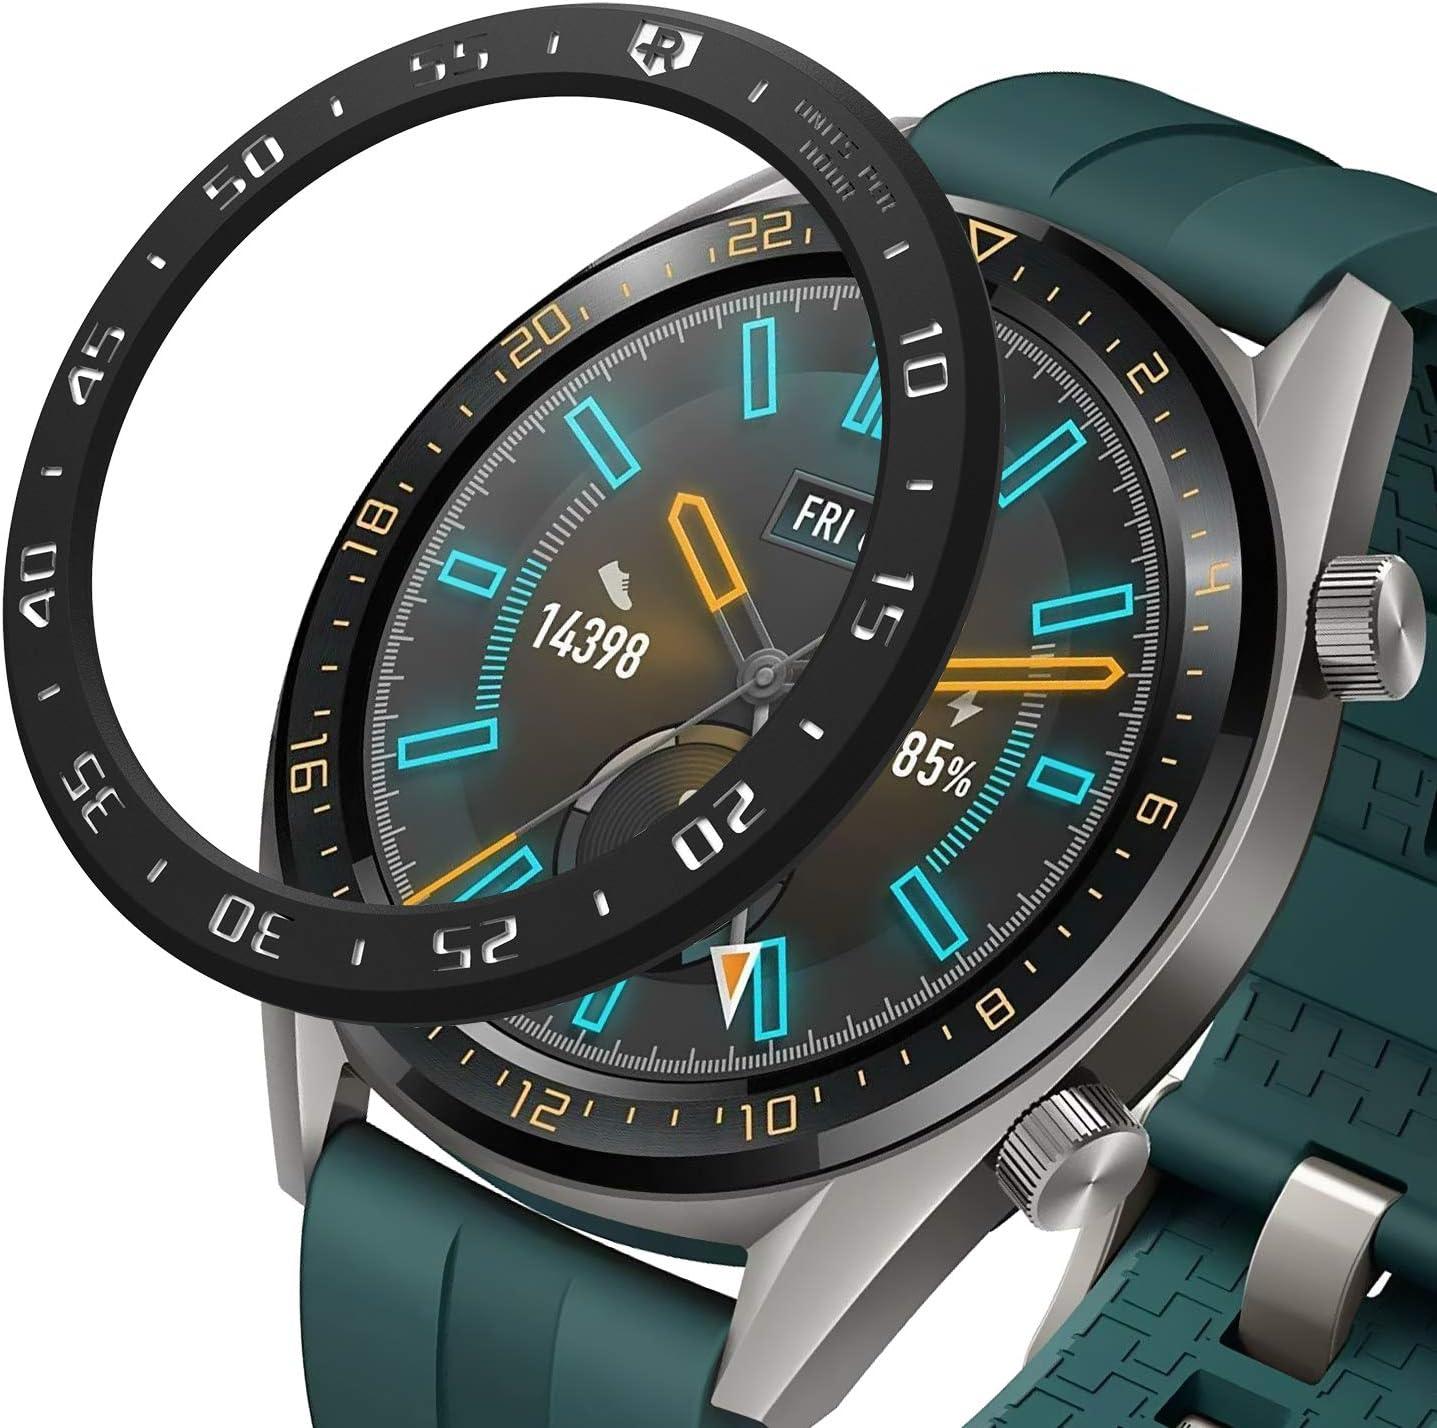 Ringke Bezel Styling Diseñado para Funda Huawei Watch GT 46mm (Compatible con Sport, Active, Classic Edición) - HW-GT-46-03 (Black)